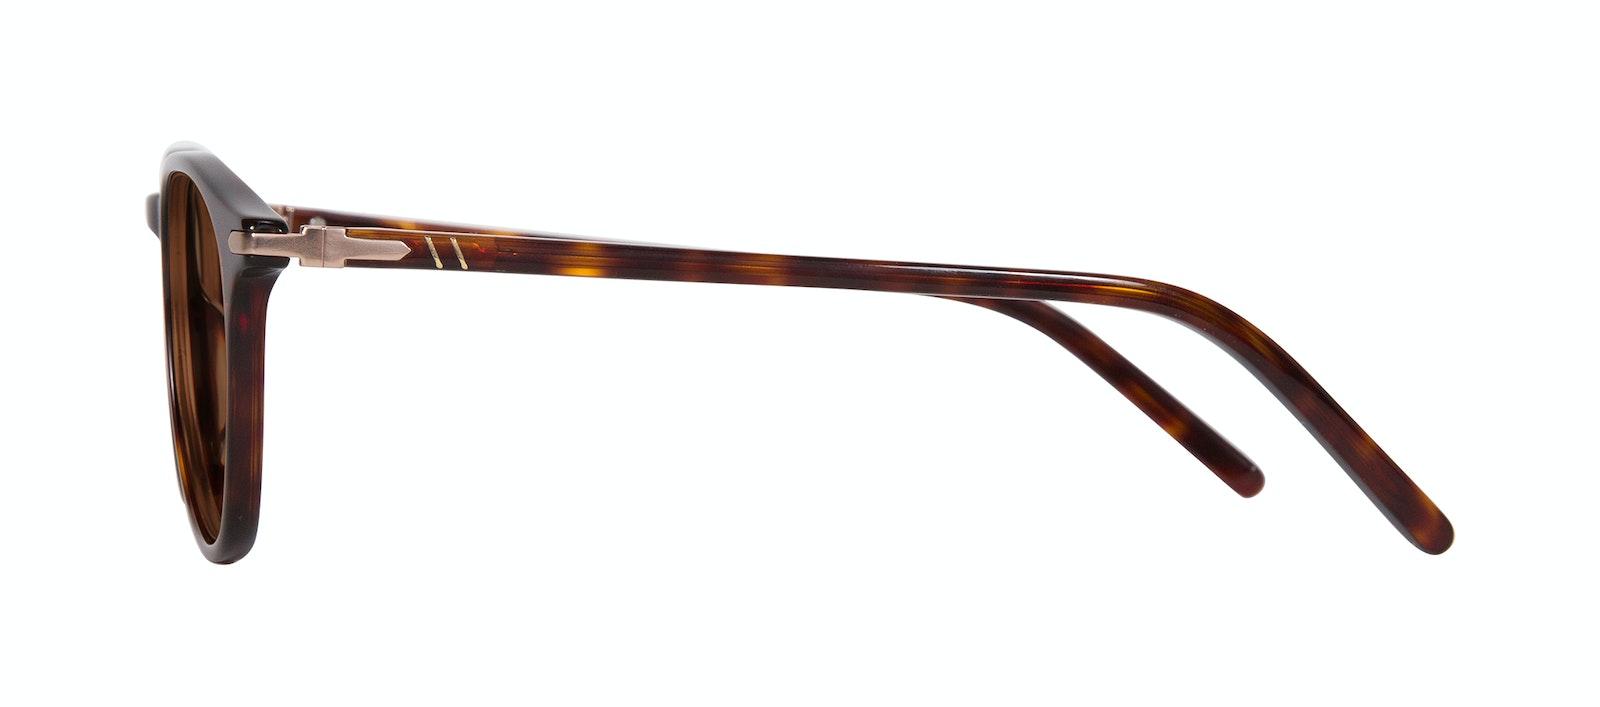 Lunettes tendance Ronde Lunettes de soleil Hommes Looks Tortoise Profil